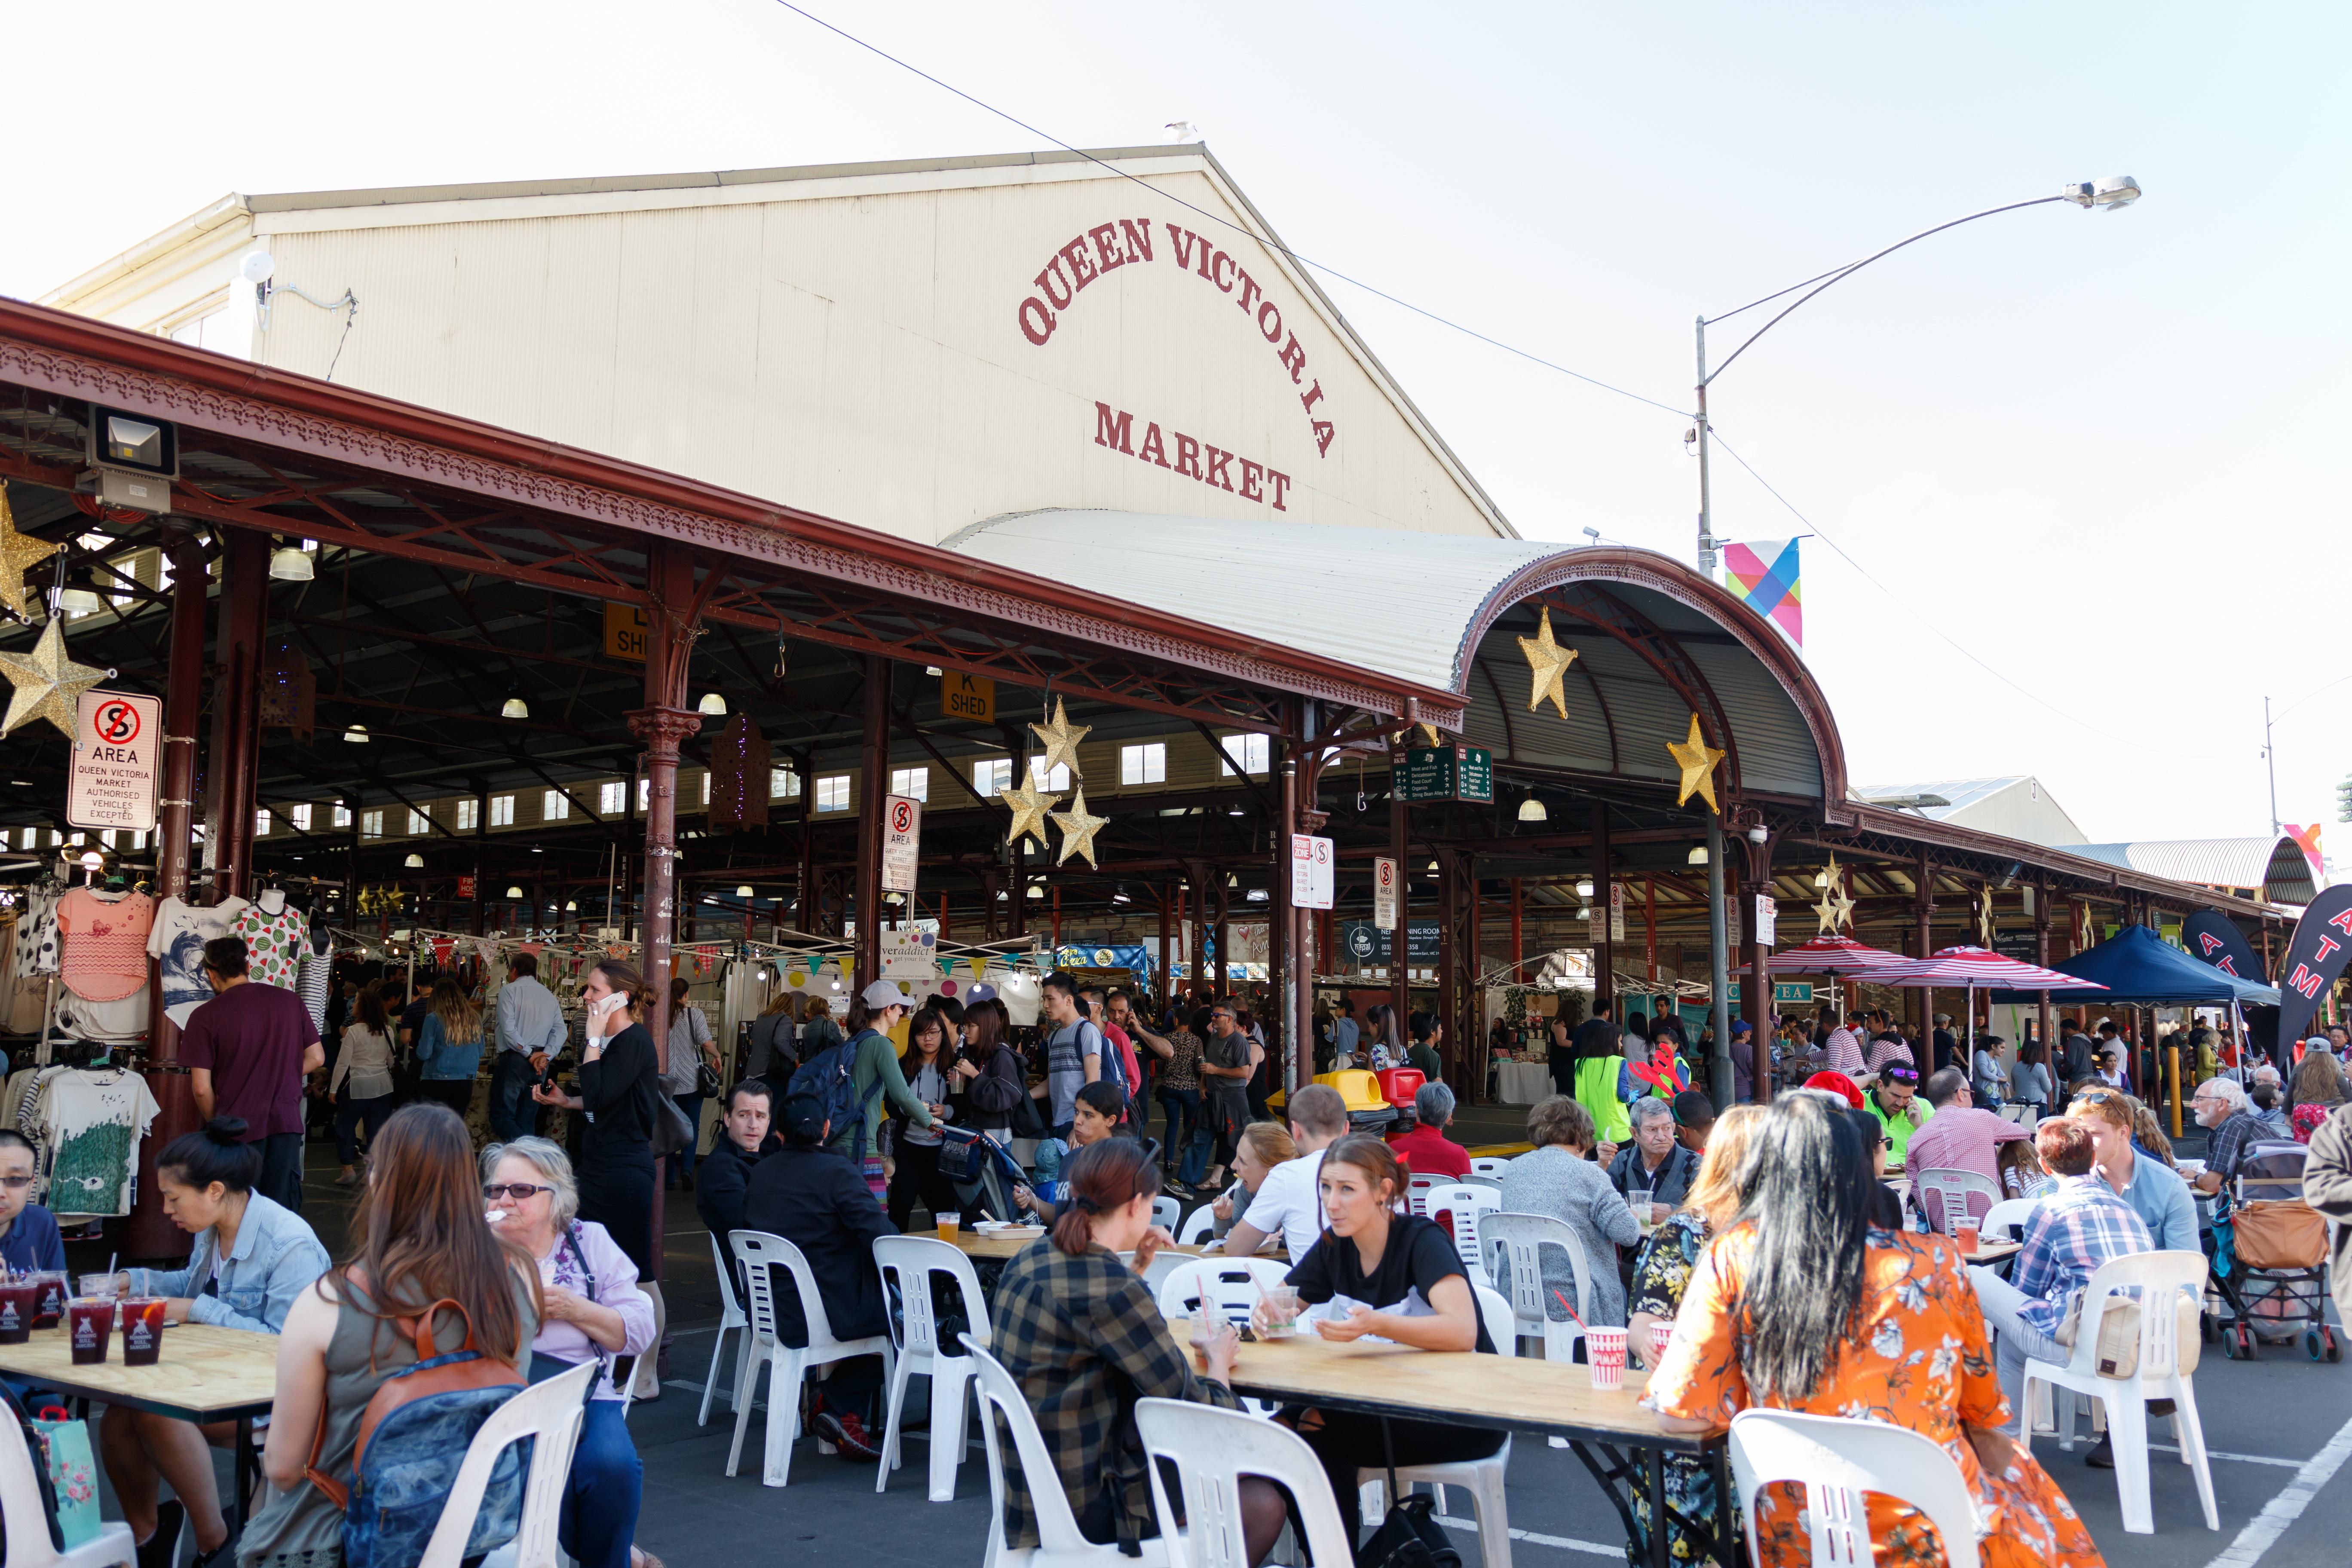 Queen Victoria Market is heading online